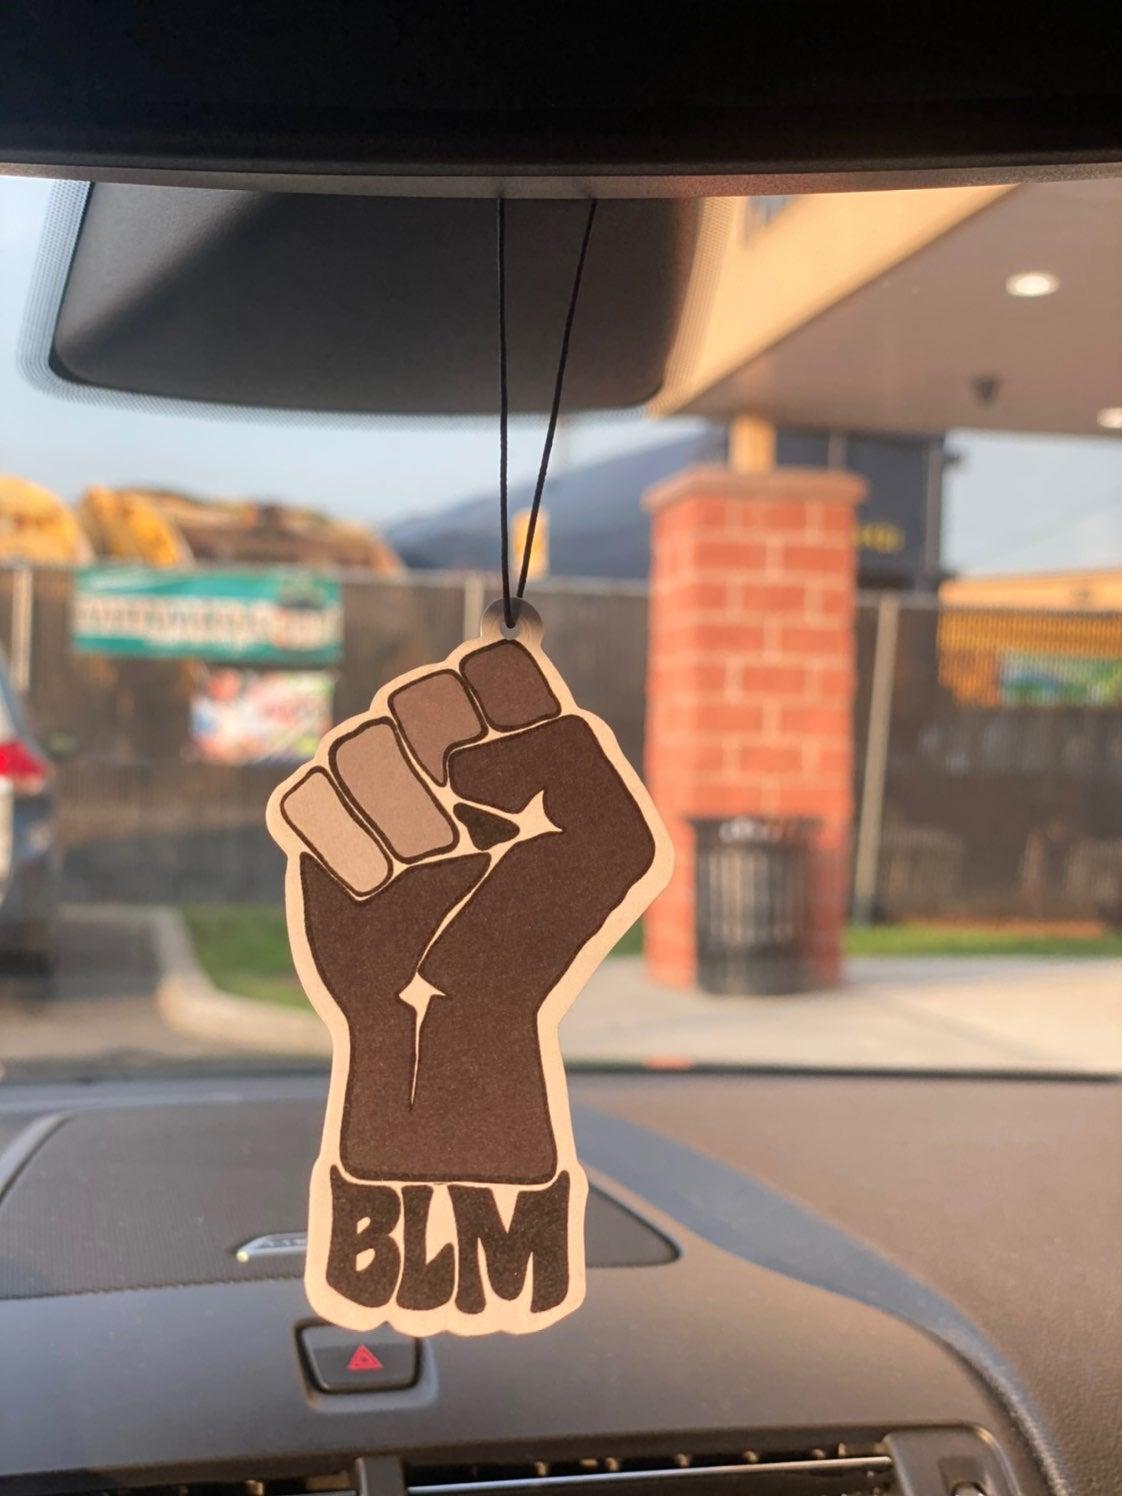 Blm car air freshner